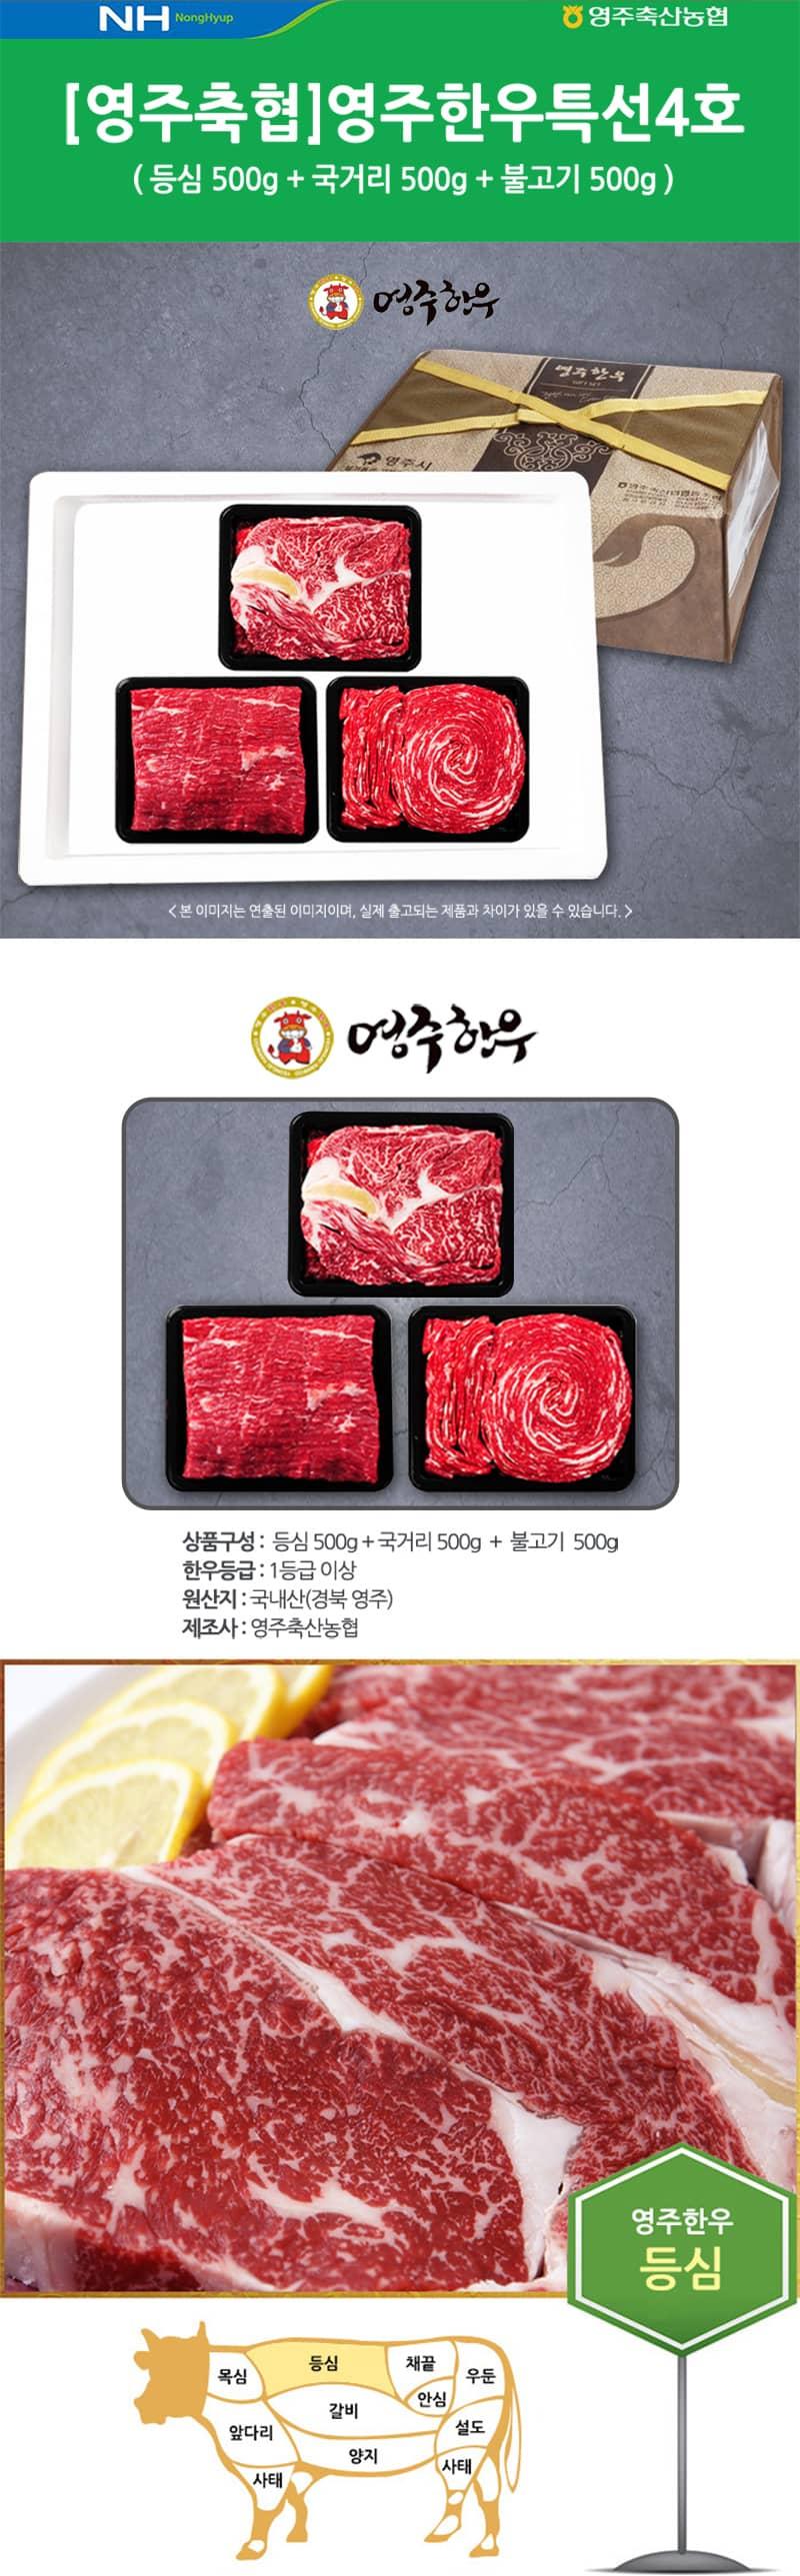 yeongjuchughyeob-yeongju_hanu_teugseon_4ho_detail_800_1.jpg